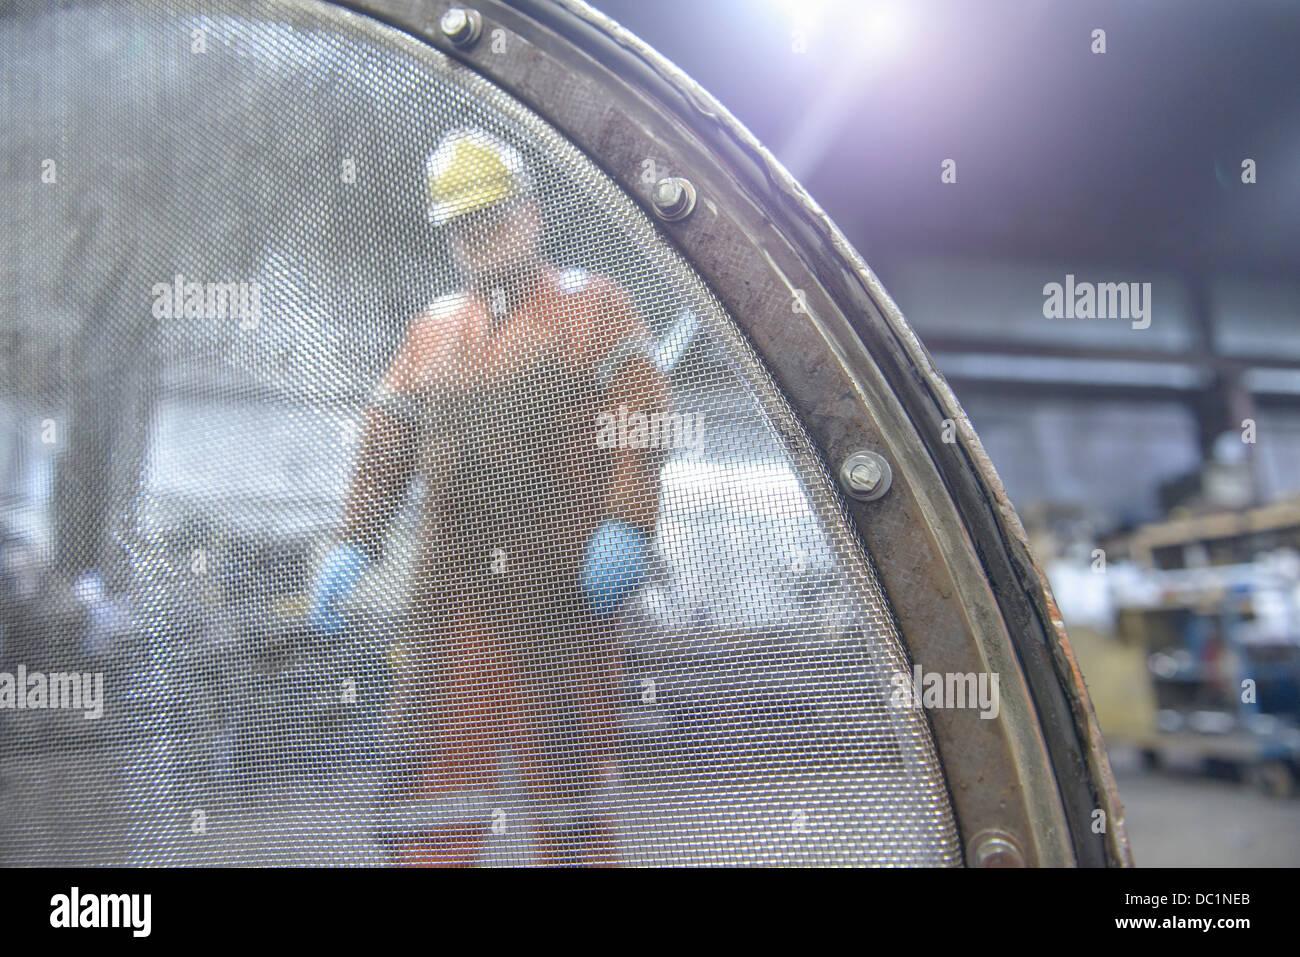 Retrato de trabajador industrial detrás de tamiz en fundición de acero Imagen De Stock